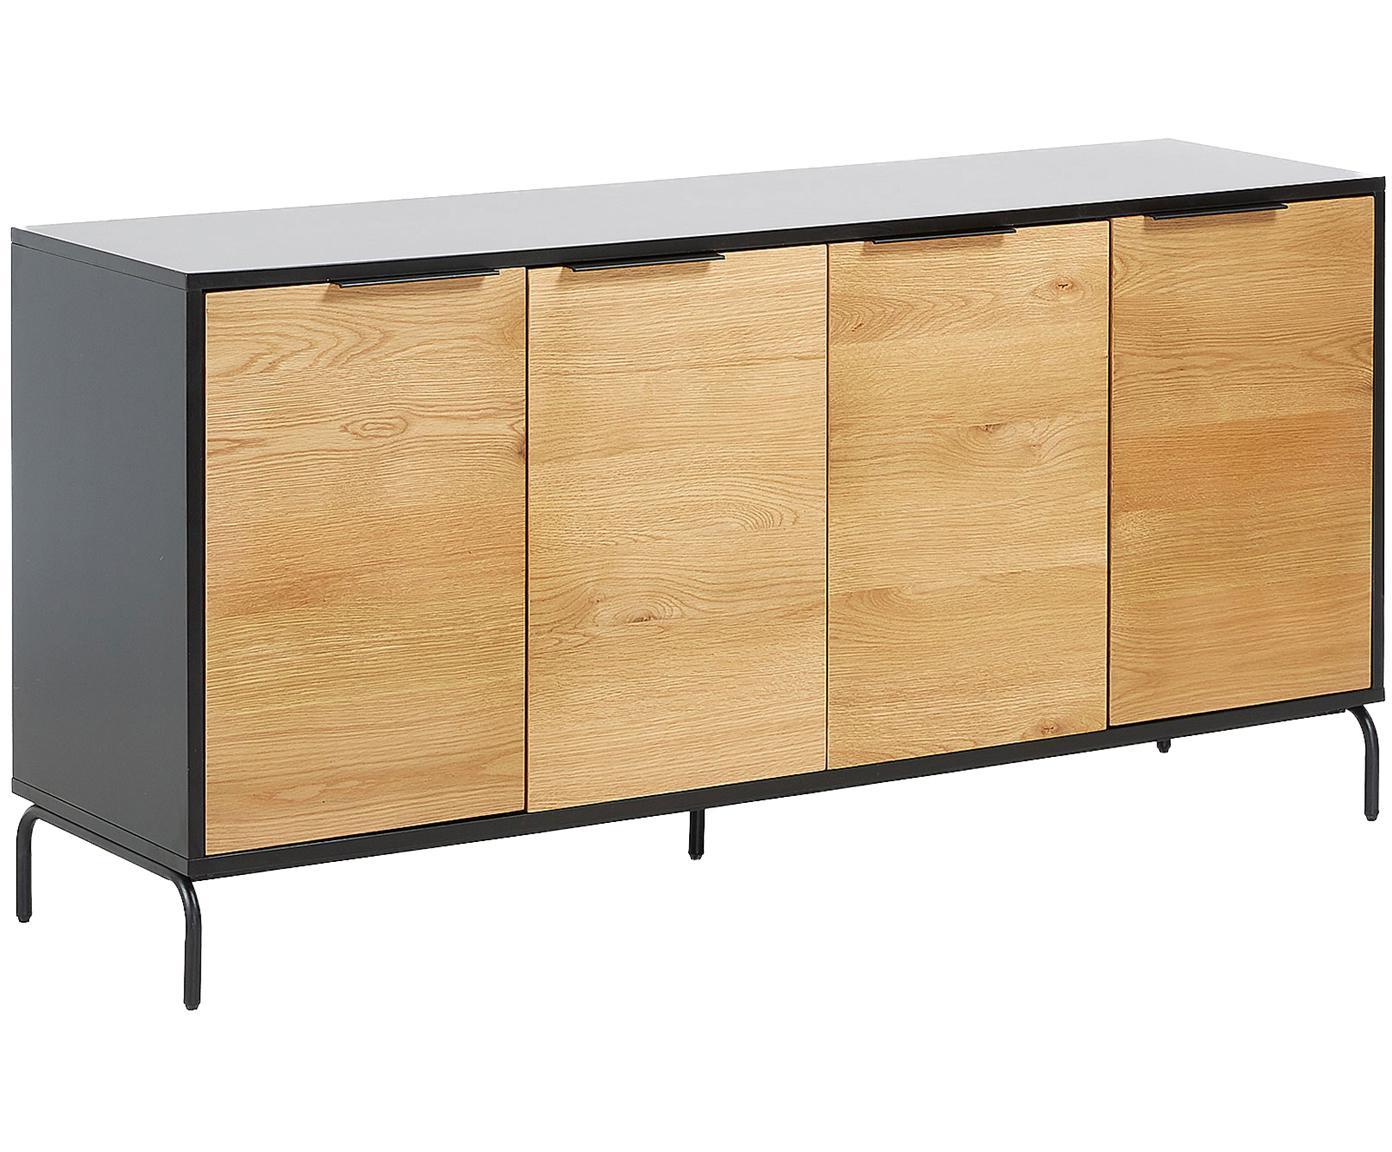 Credenza con finitura in rovere Stellar, Nero, legno di quercia, Larg. 165 x Alt. 80 cm